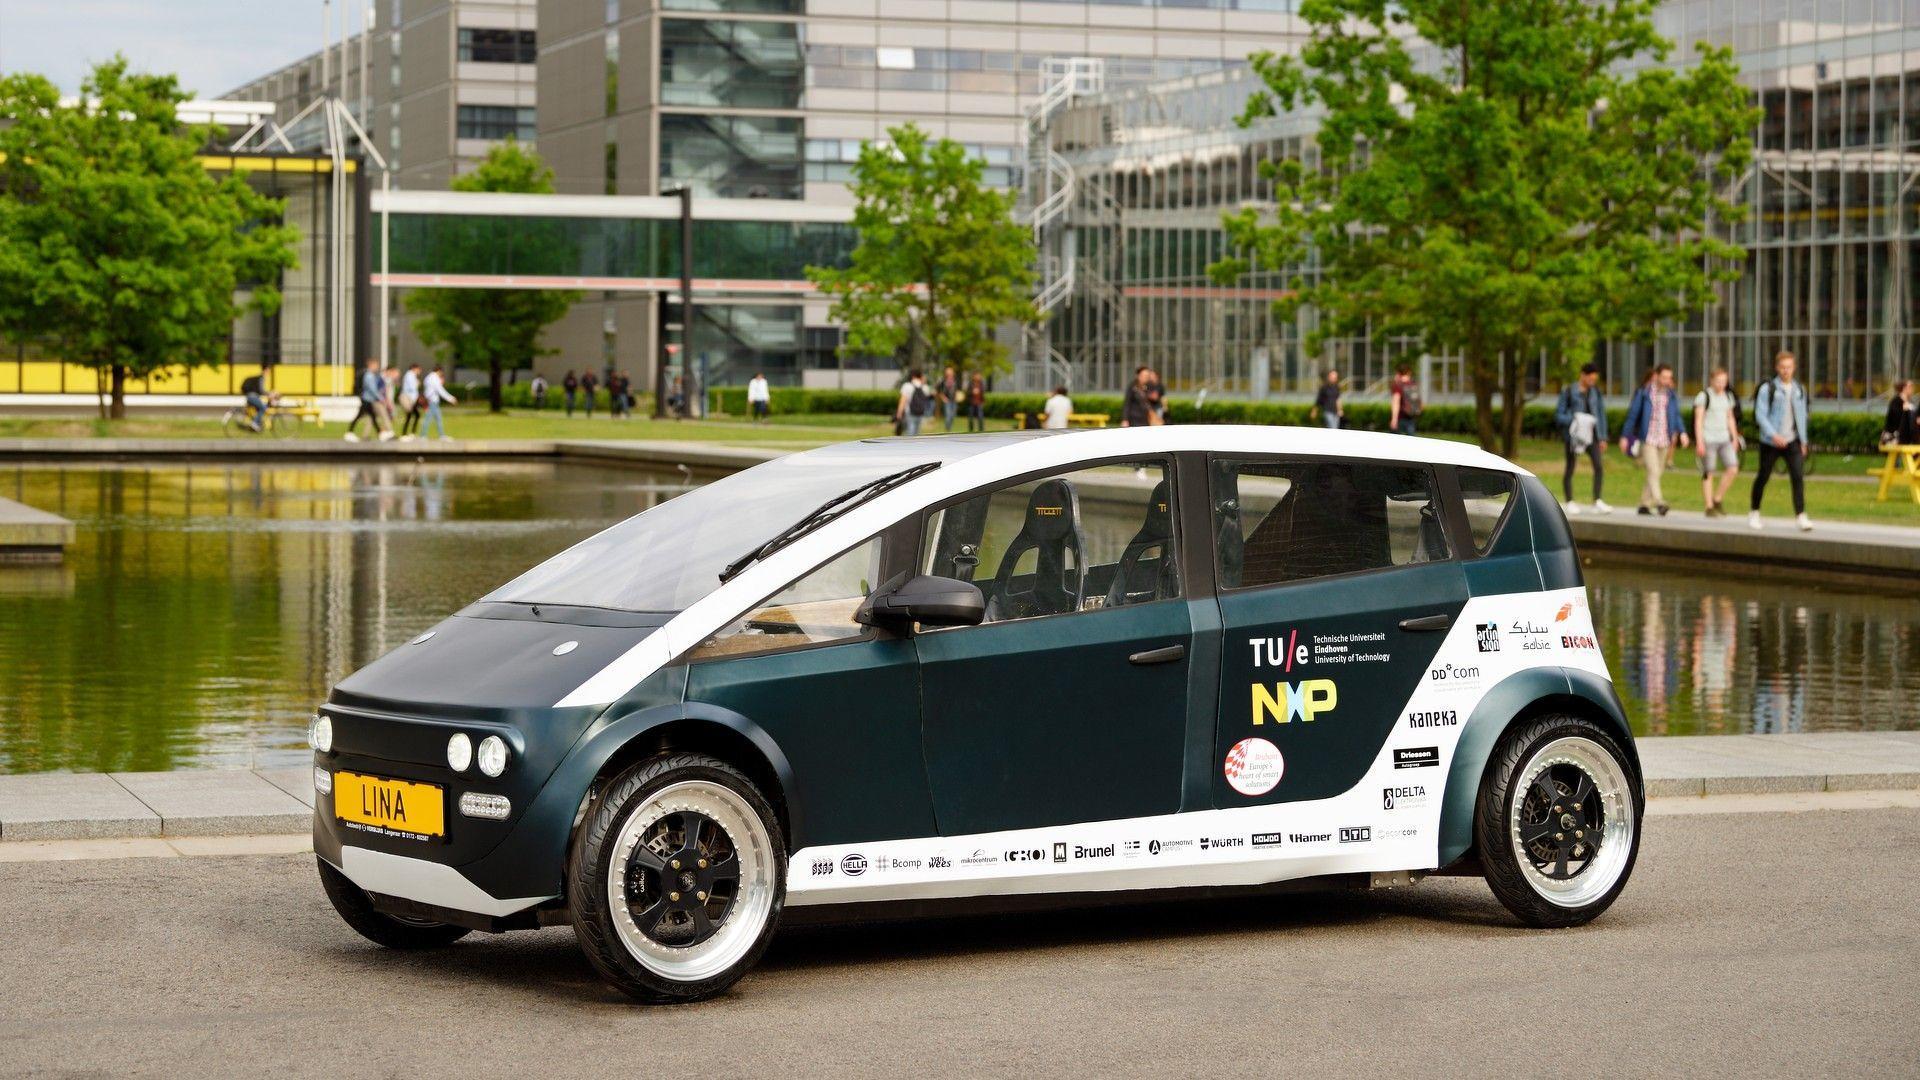 lina-bio-composite-car (6)